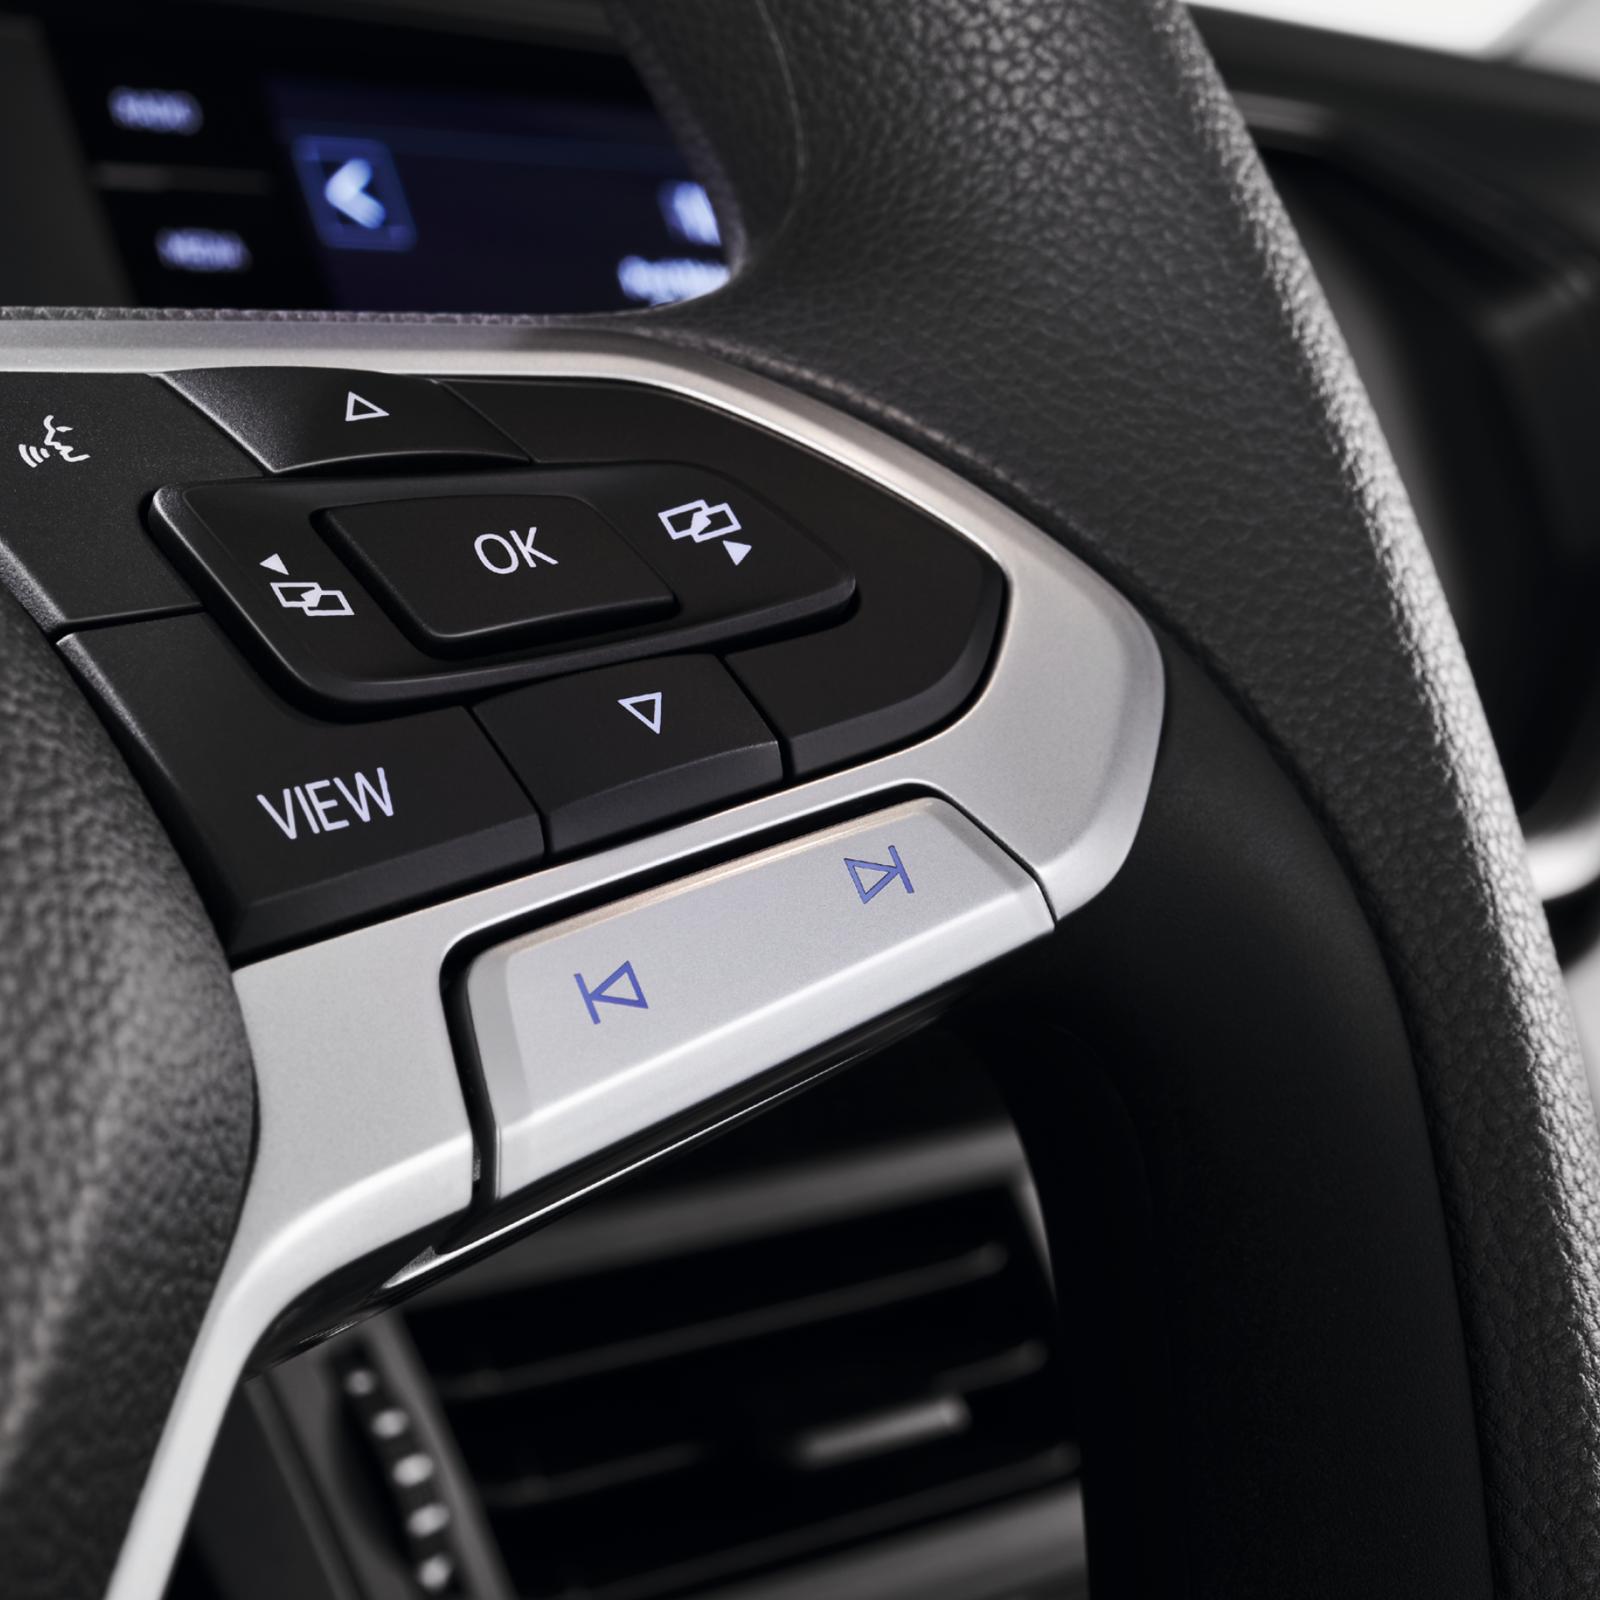 Original Volkswagen Sprachbedienung für Navigation Discover Media Sprachbedienung zum Nachrüsten 5G0054802A